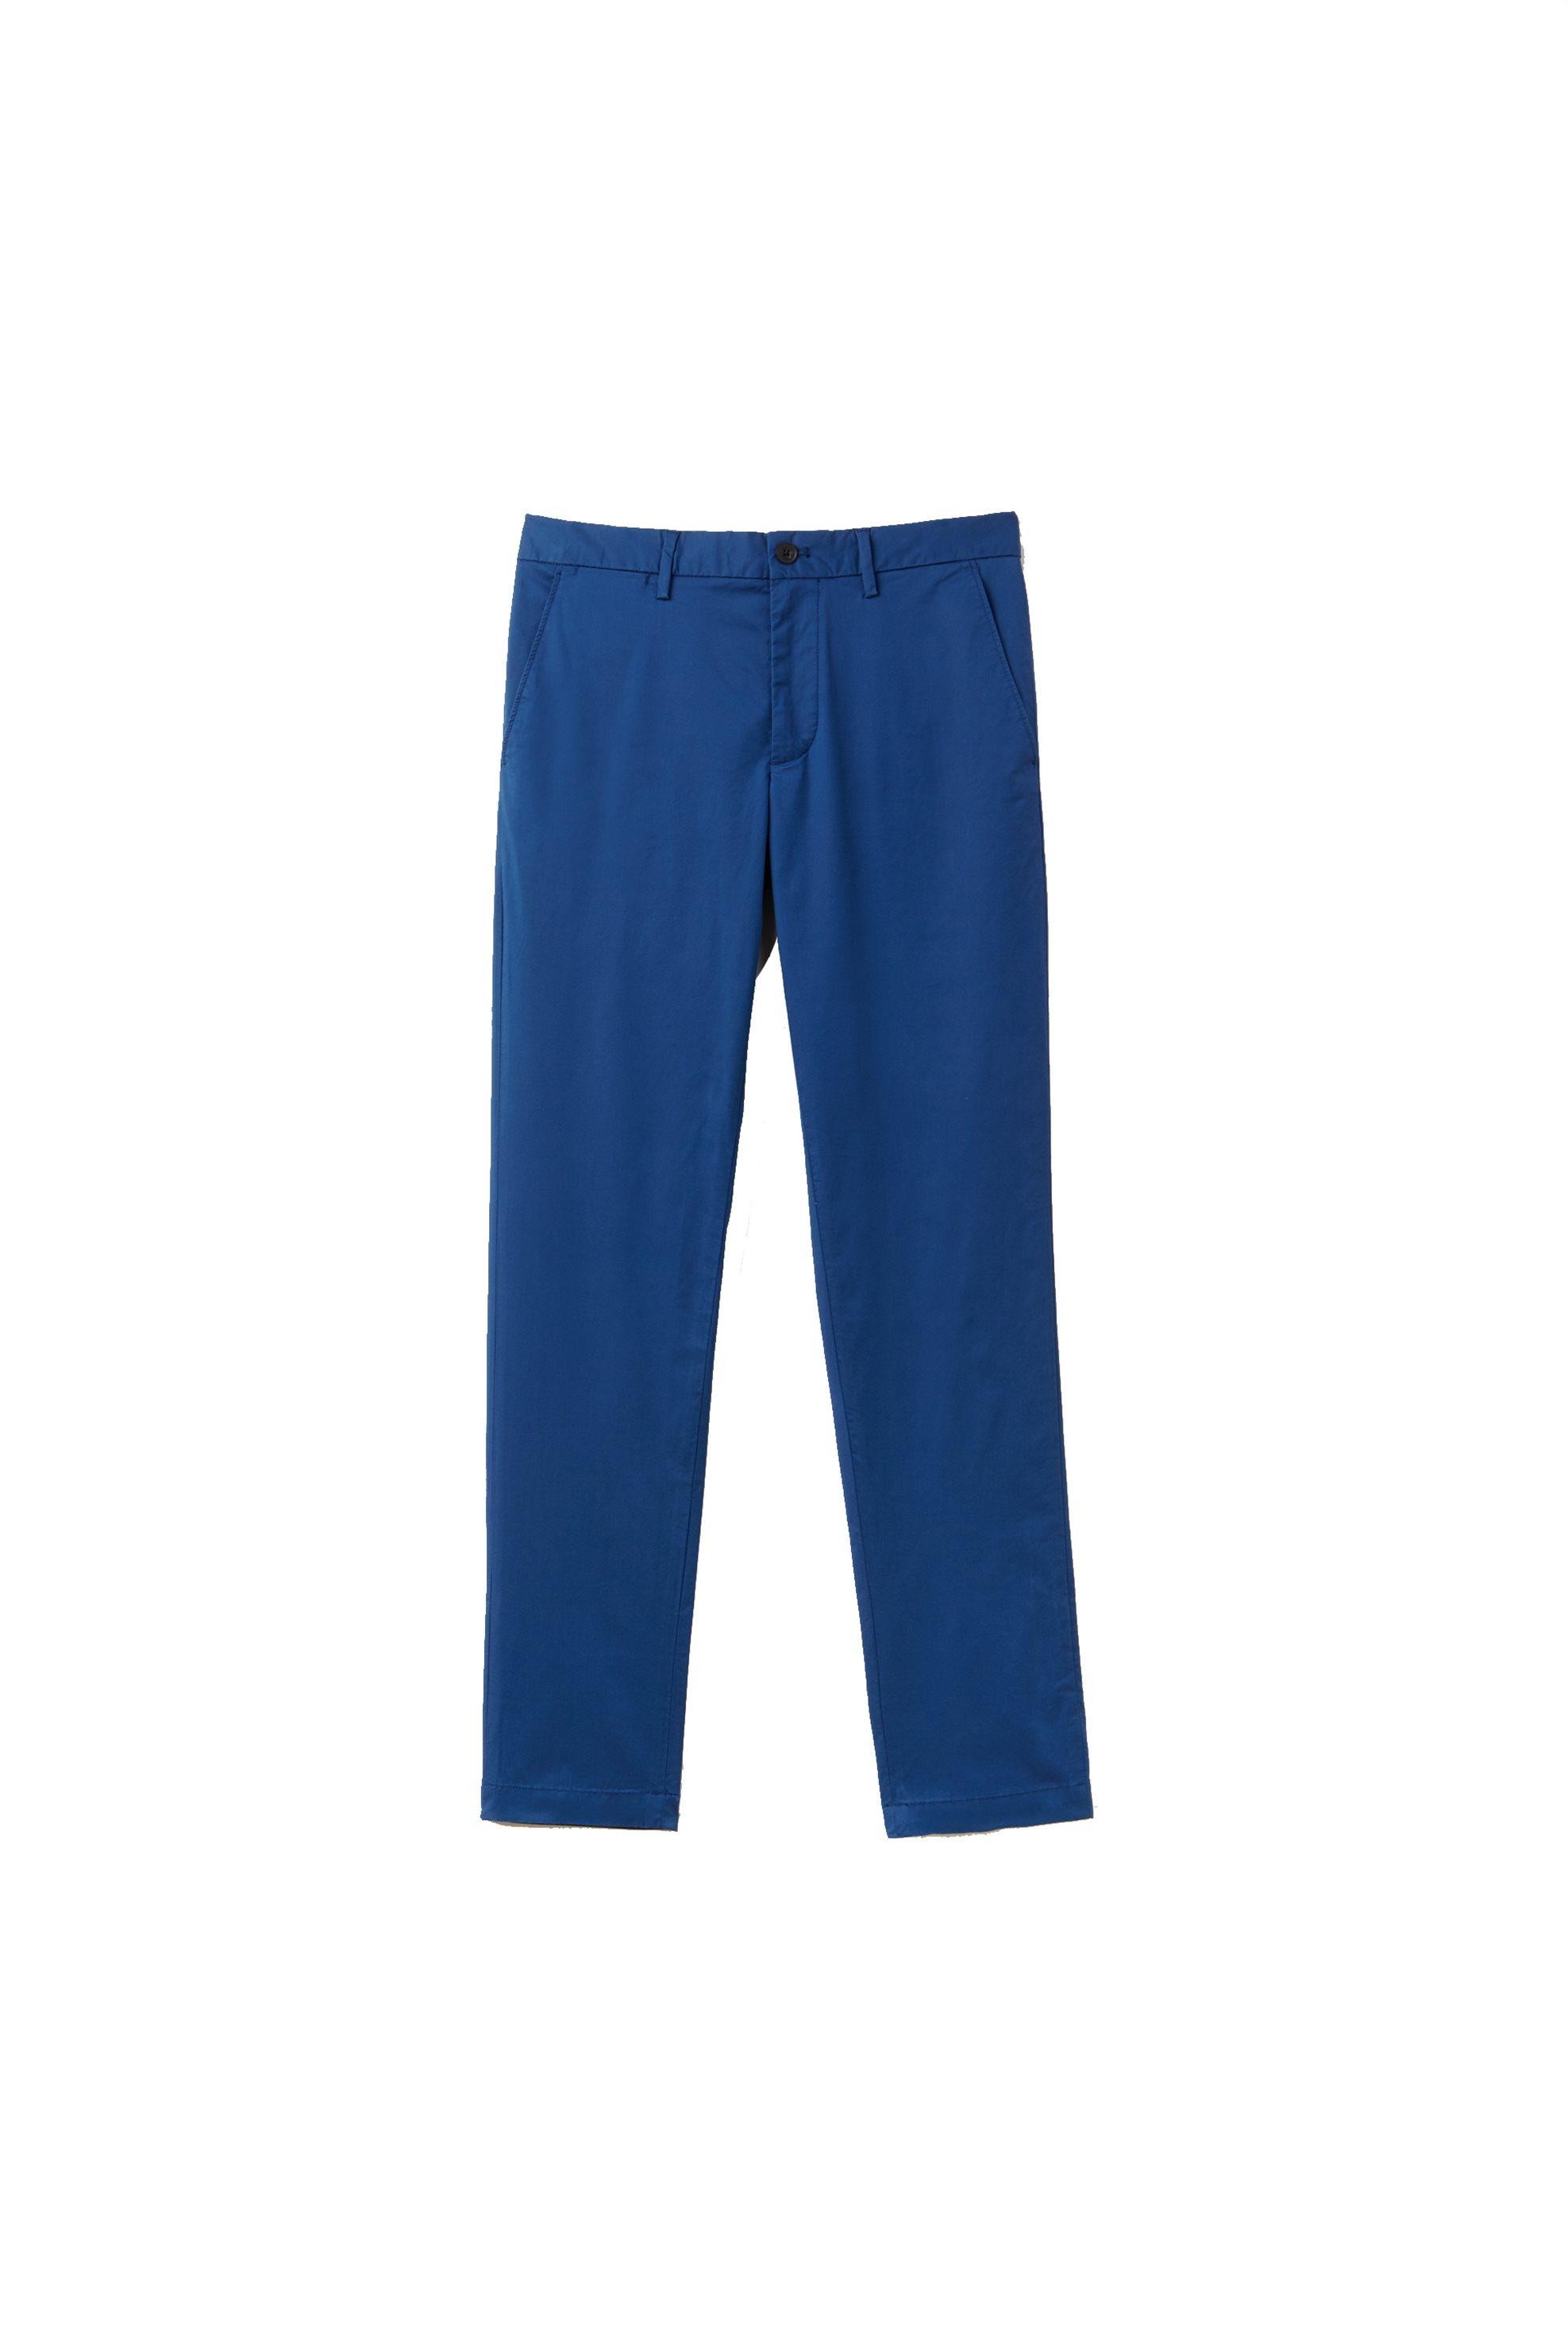 Ανδρικό παντελόνι chino μονόχρωμο Spring Bloom S/S 2018 Collection Lacoste - HH4 ανδρασ   ρουχα   παντελόνια   chinos